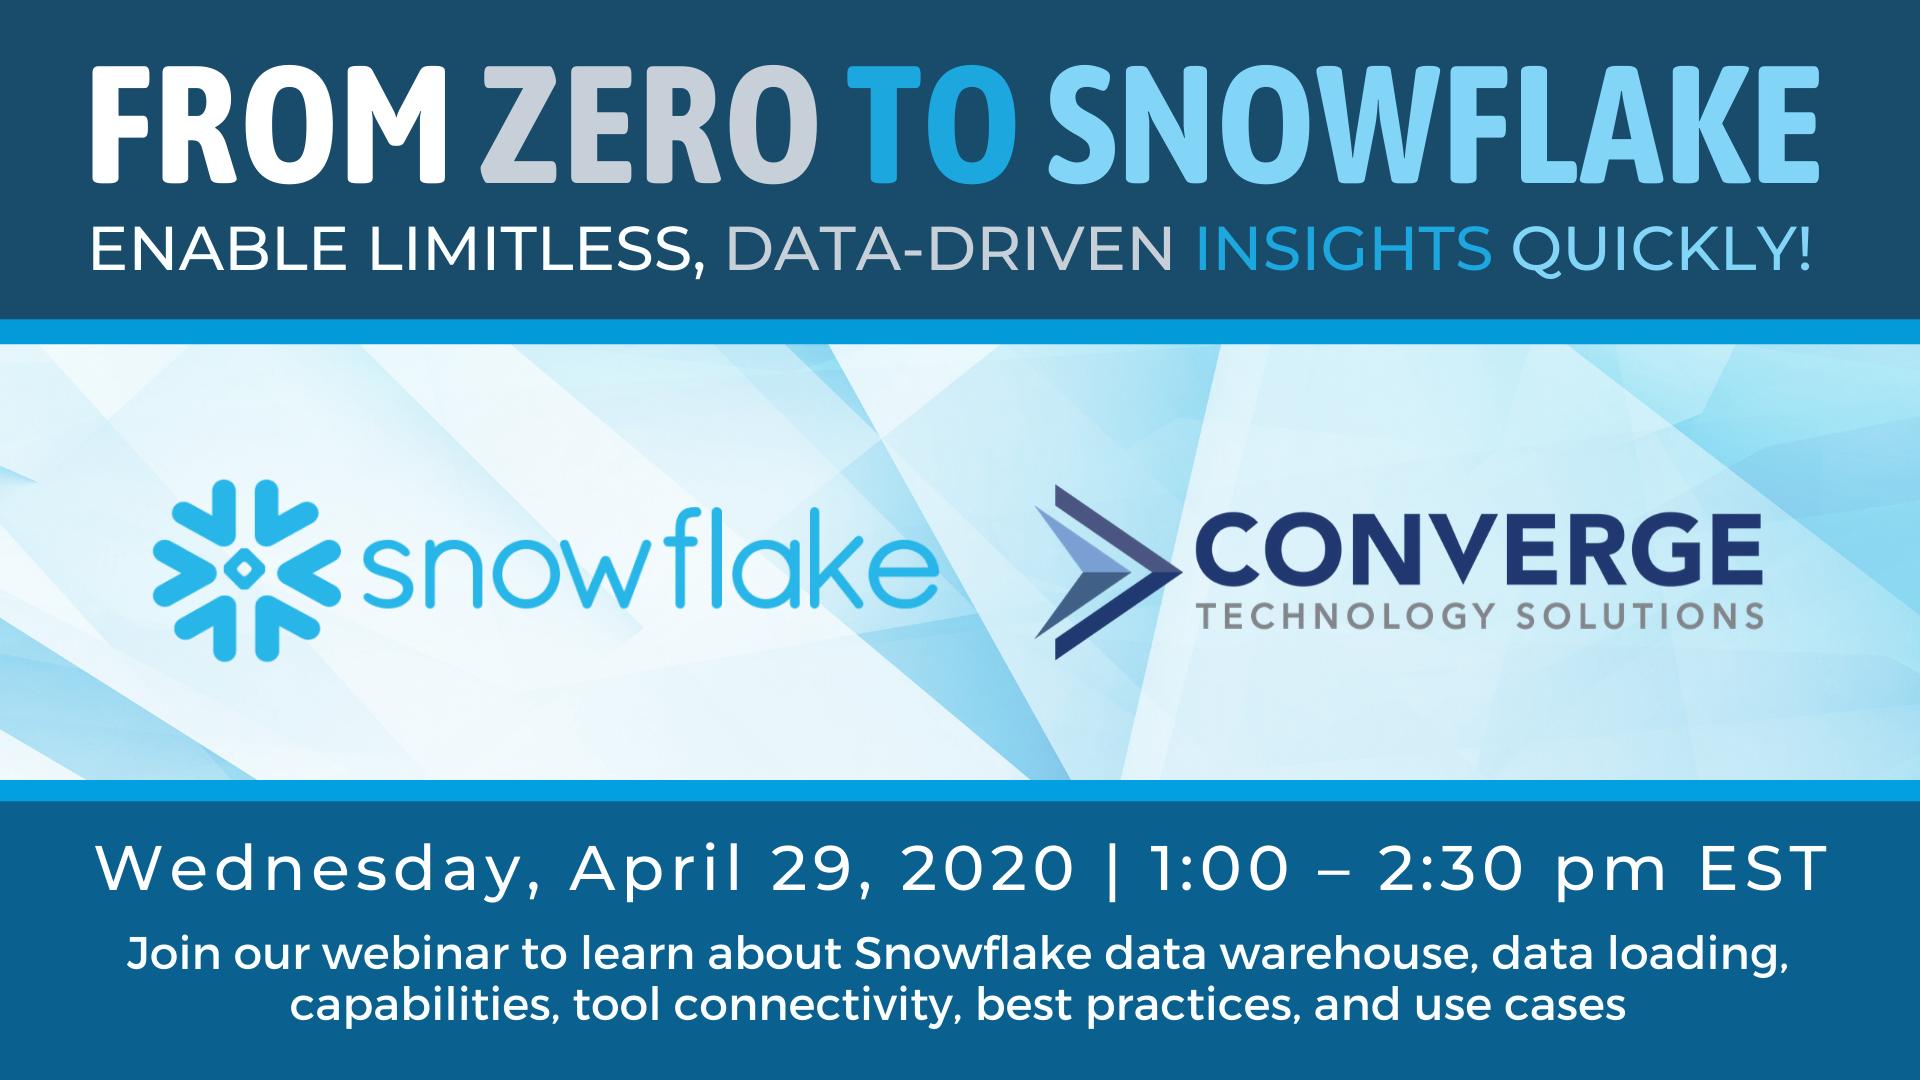 From Zero to Snowflake